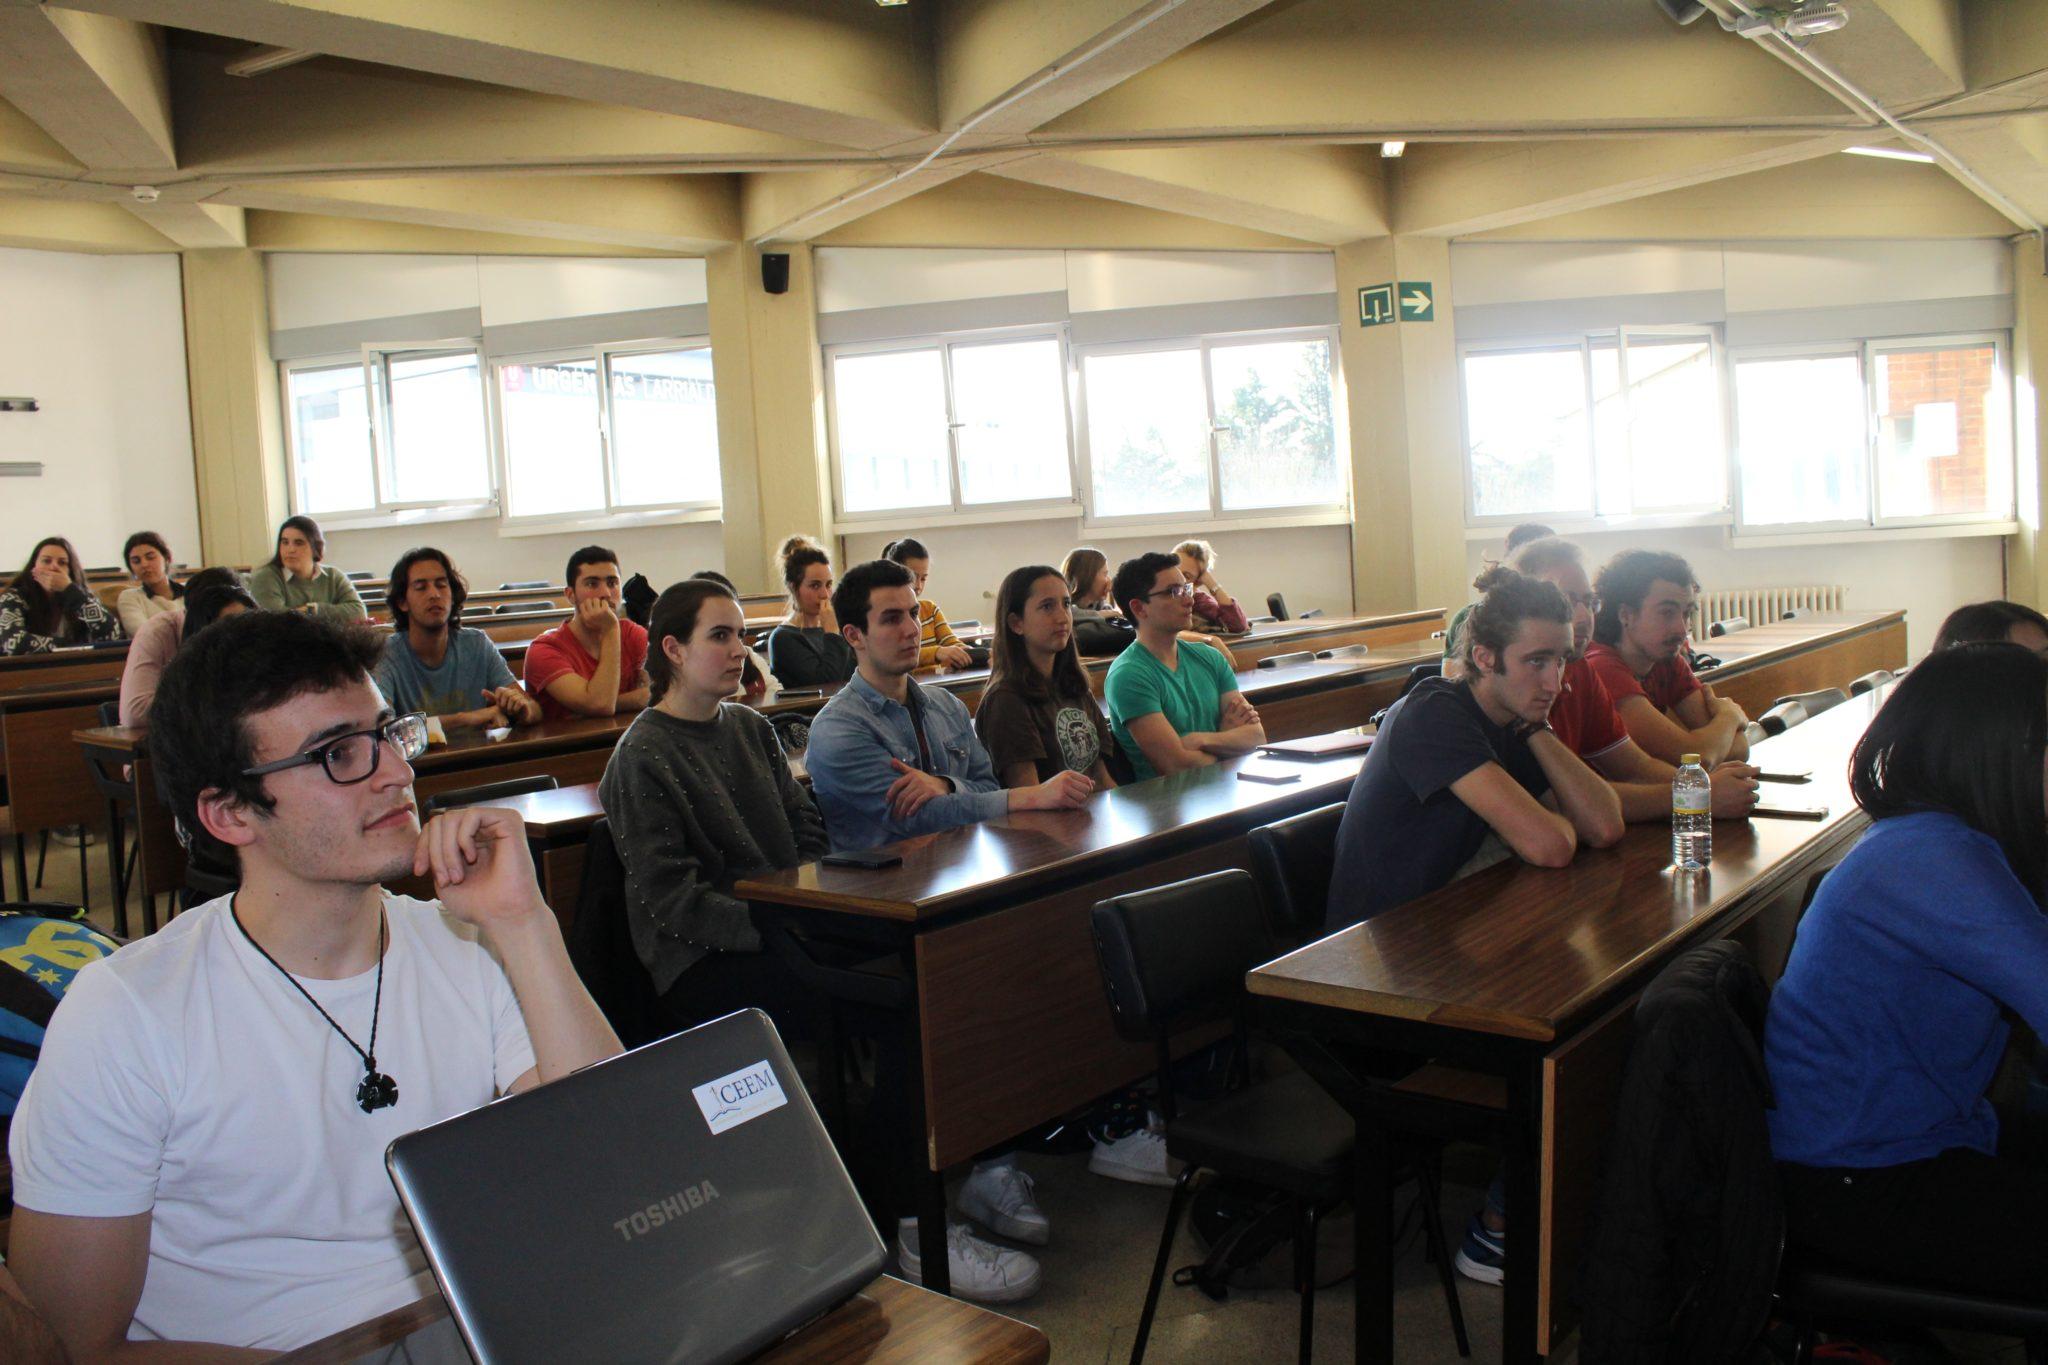 El Colegio de Médicos y la Facultad de Medicina inician charlas informativas sobre especialidades, dirigidas a estudiantes de segundo ciclo.